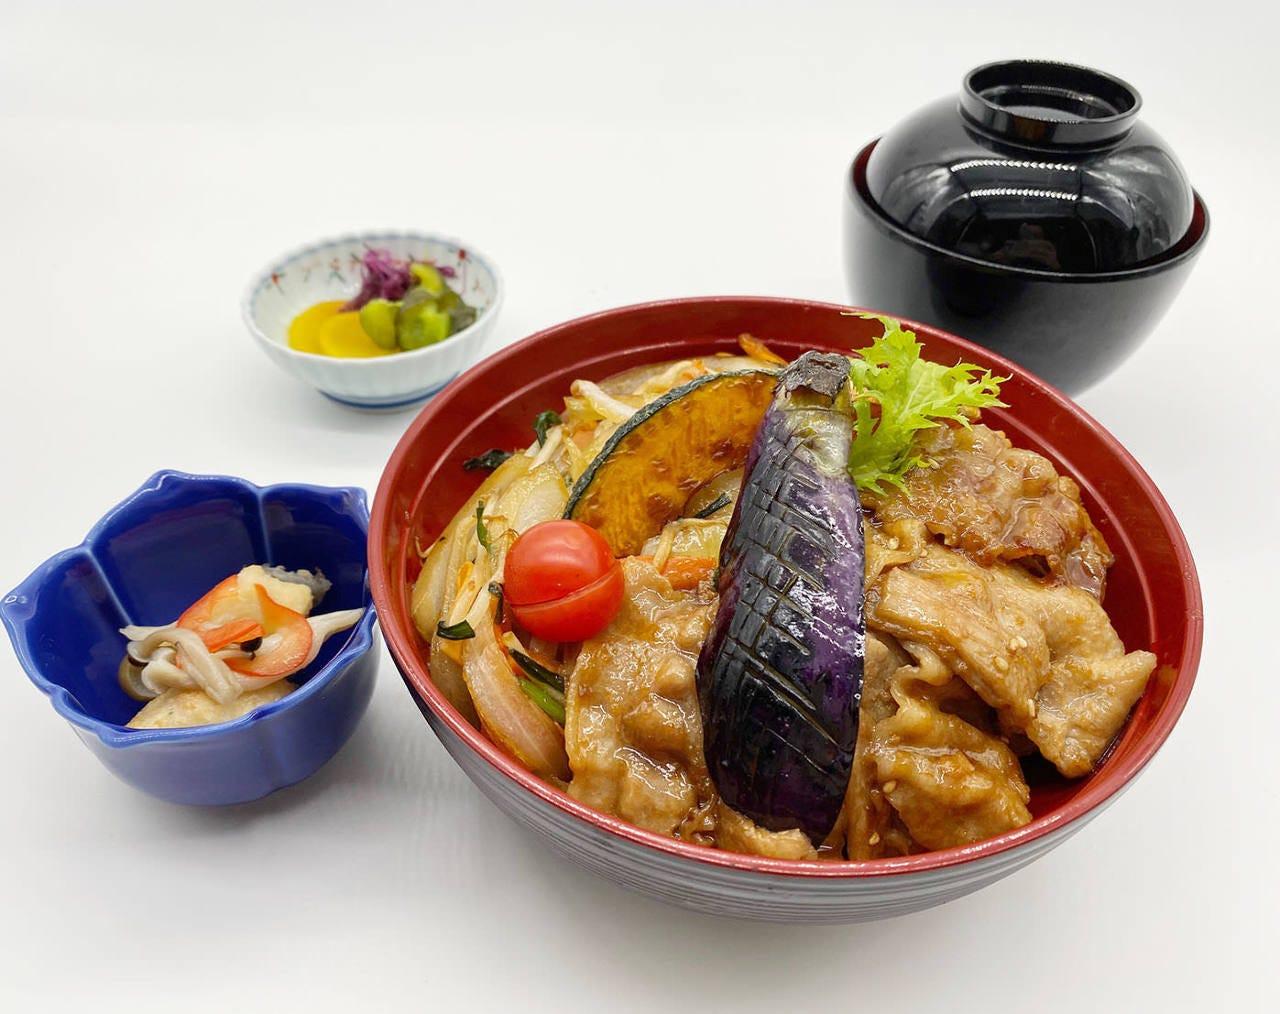 ランチ限定「チバザポークの生姜焼丼」が1,000円(税込)!